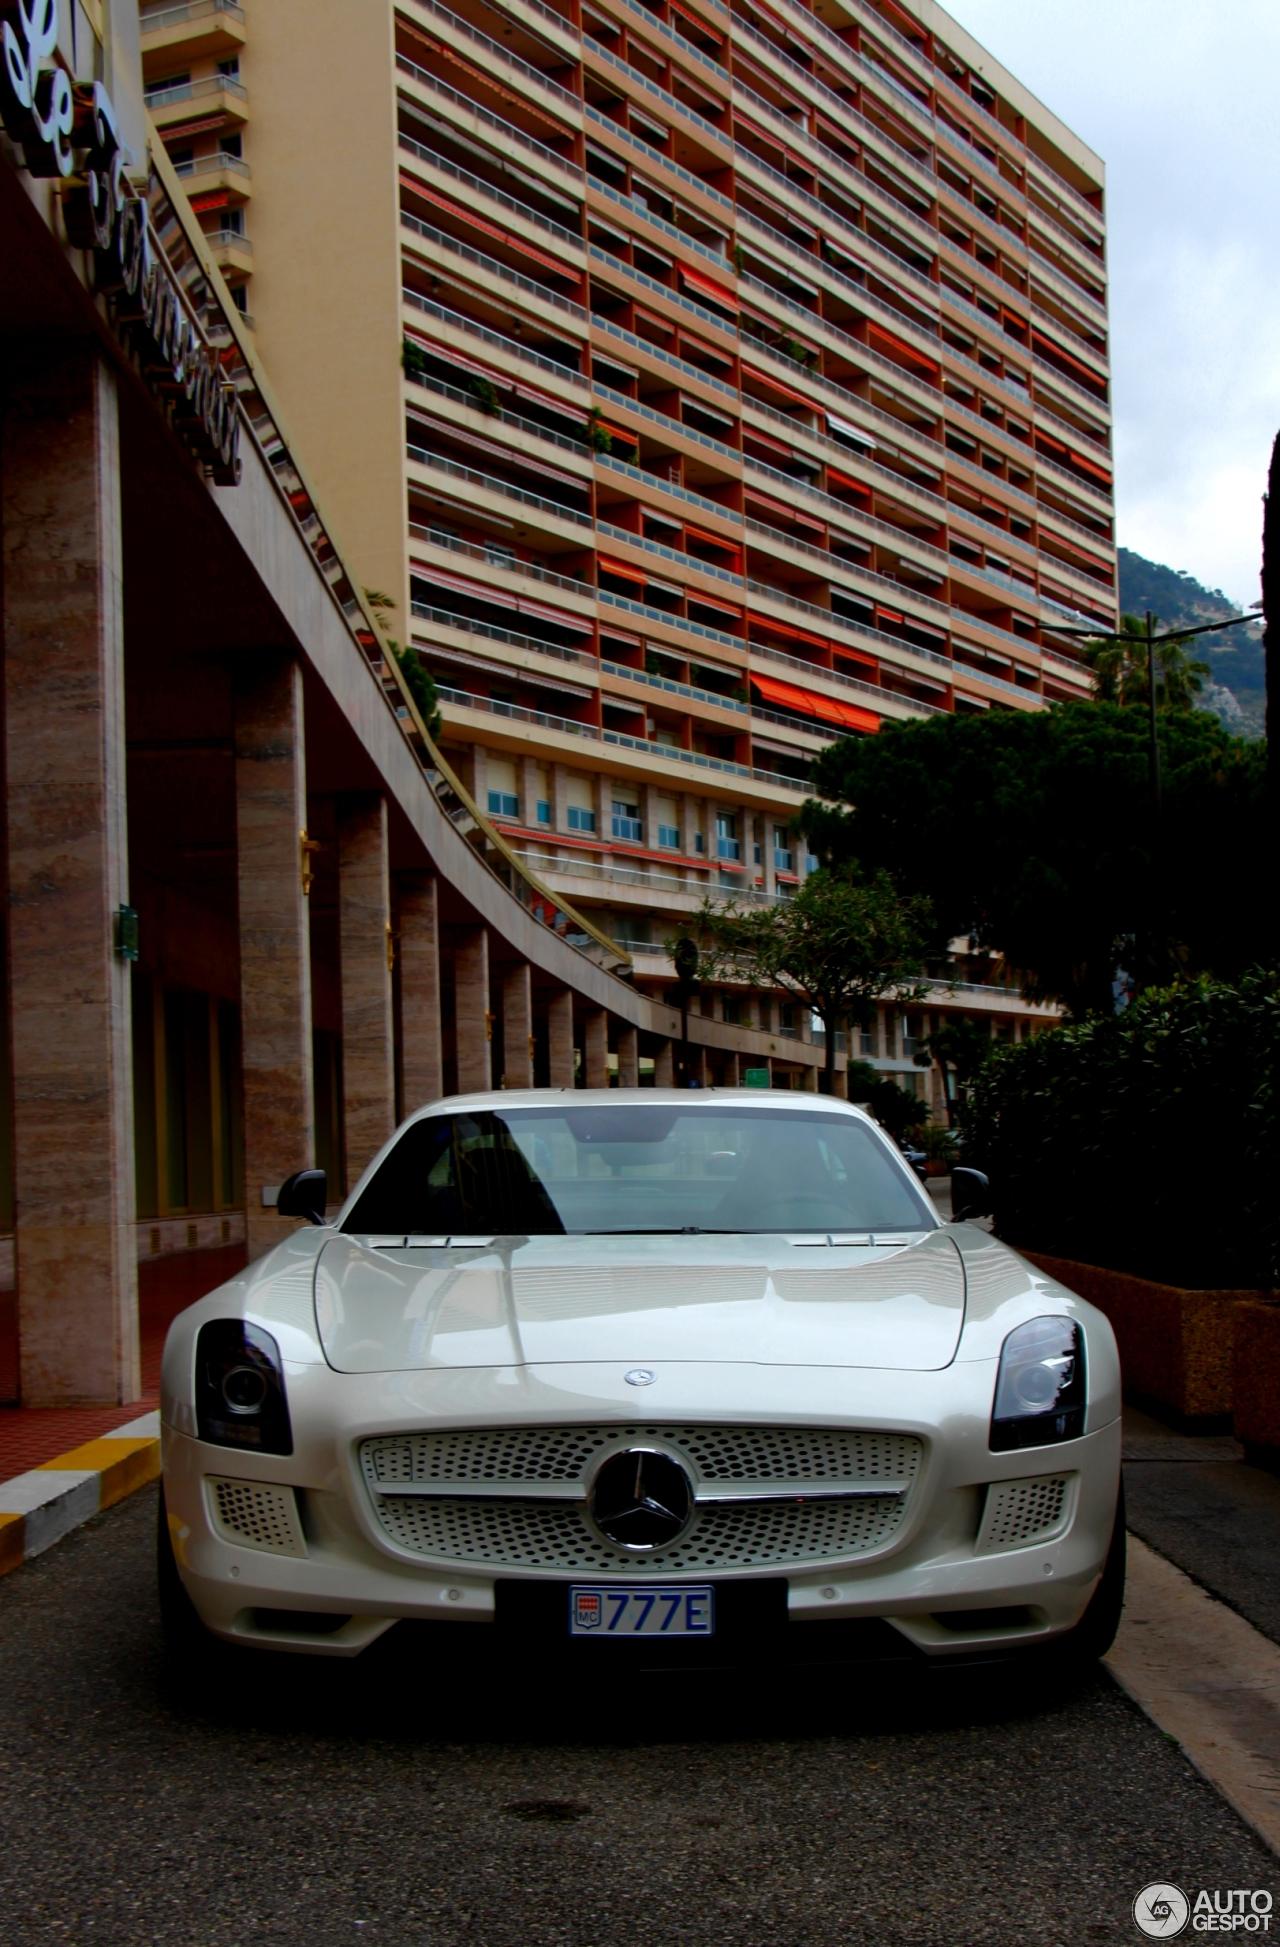 Mercedes benz sls amg electric drive 22 april 2015 for Mercedes benz sls amg electric drive